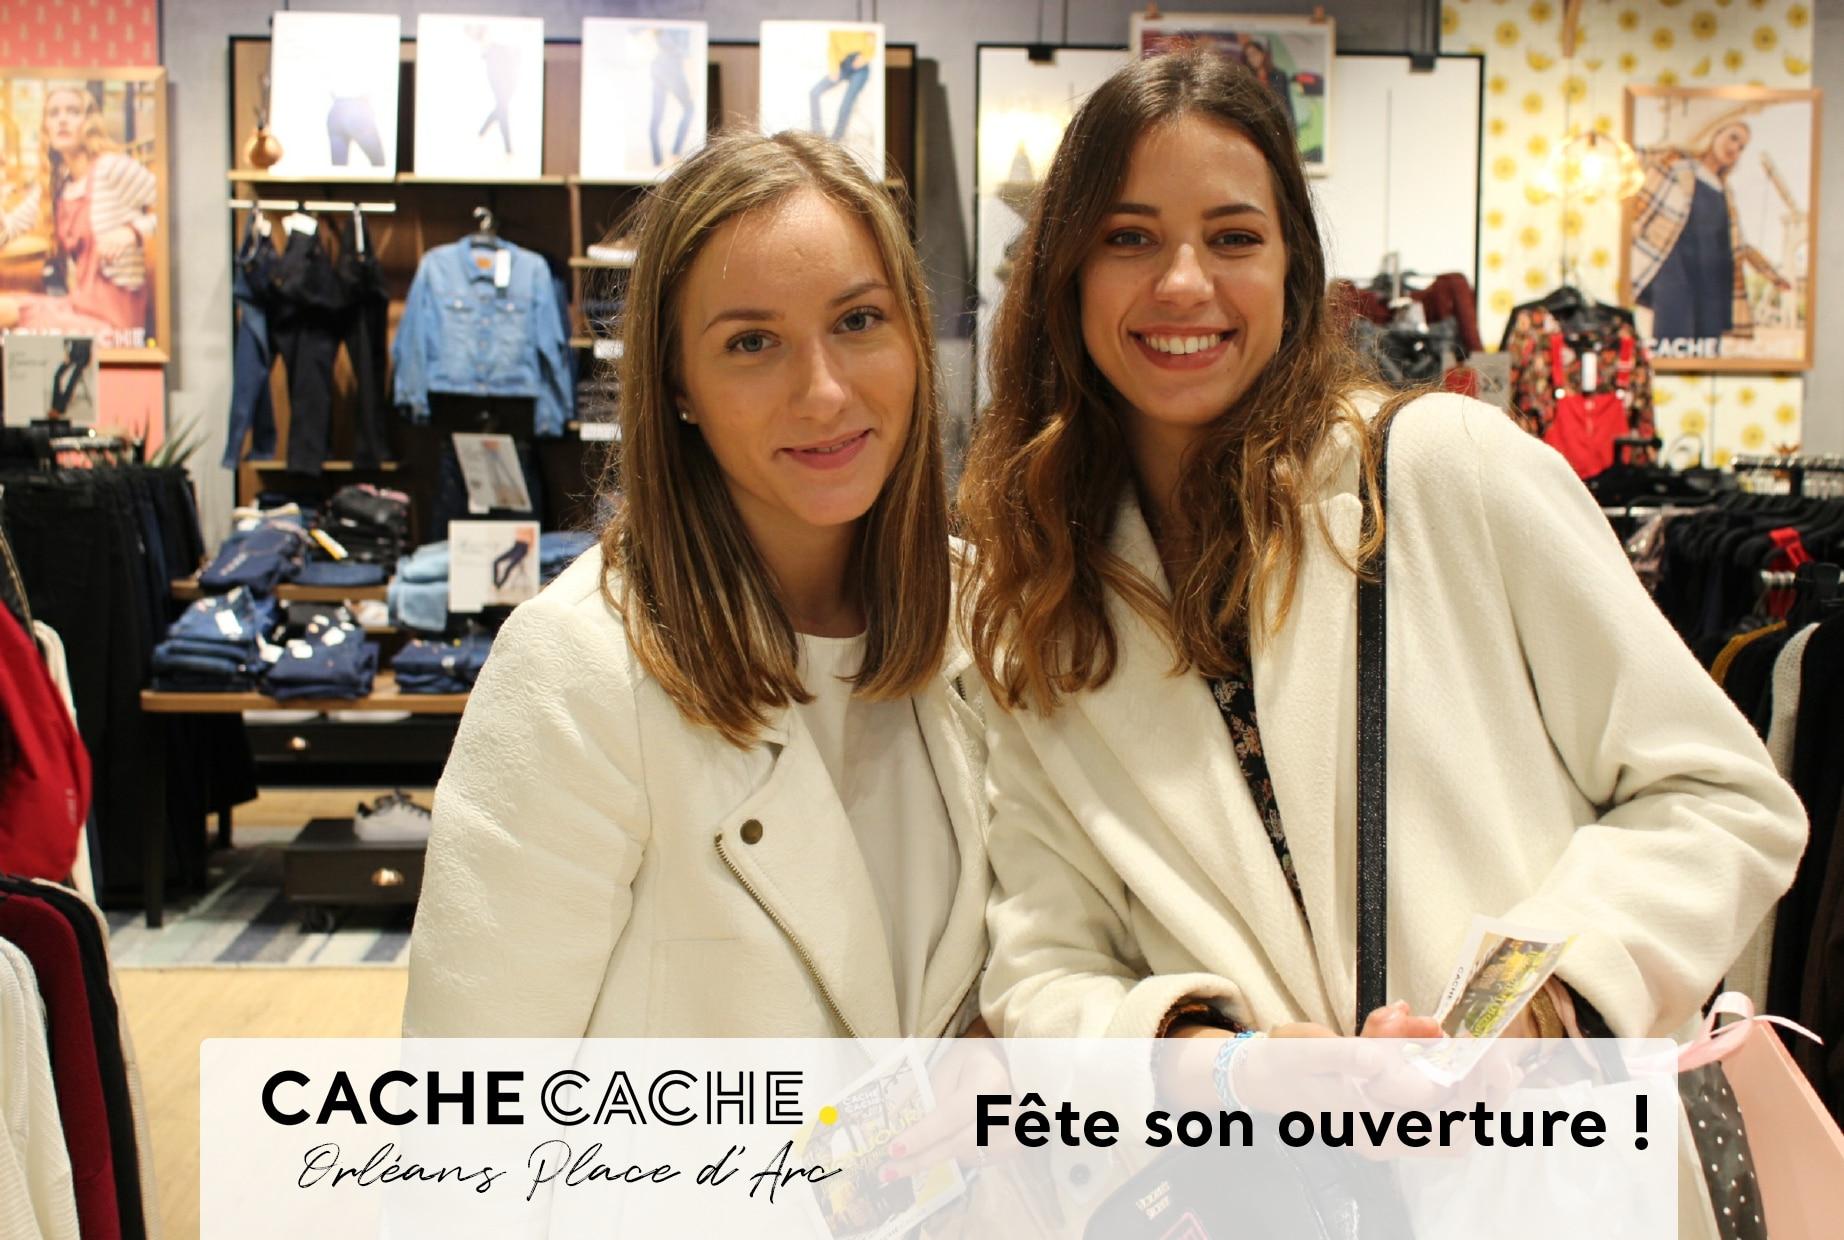 Borne selfie animation photo à l'inauguration nouveau magasin Cache Cache au centre commercial Place d'Arc à Orléans en 2019